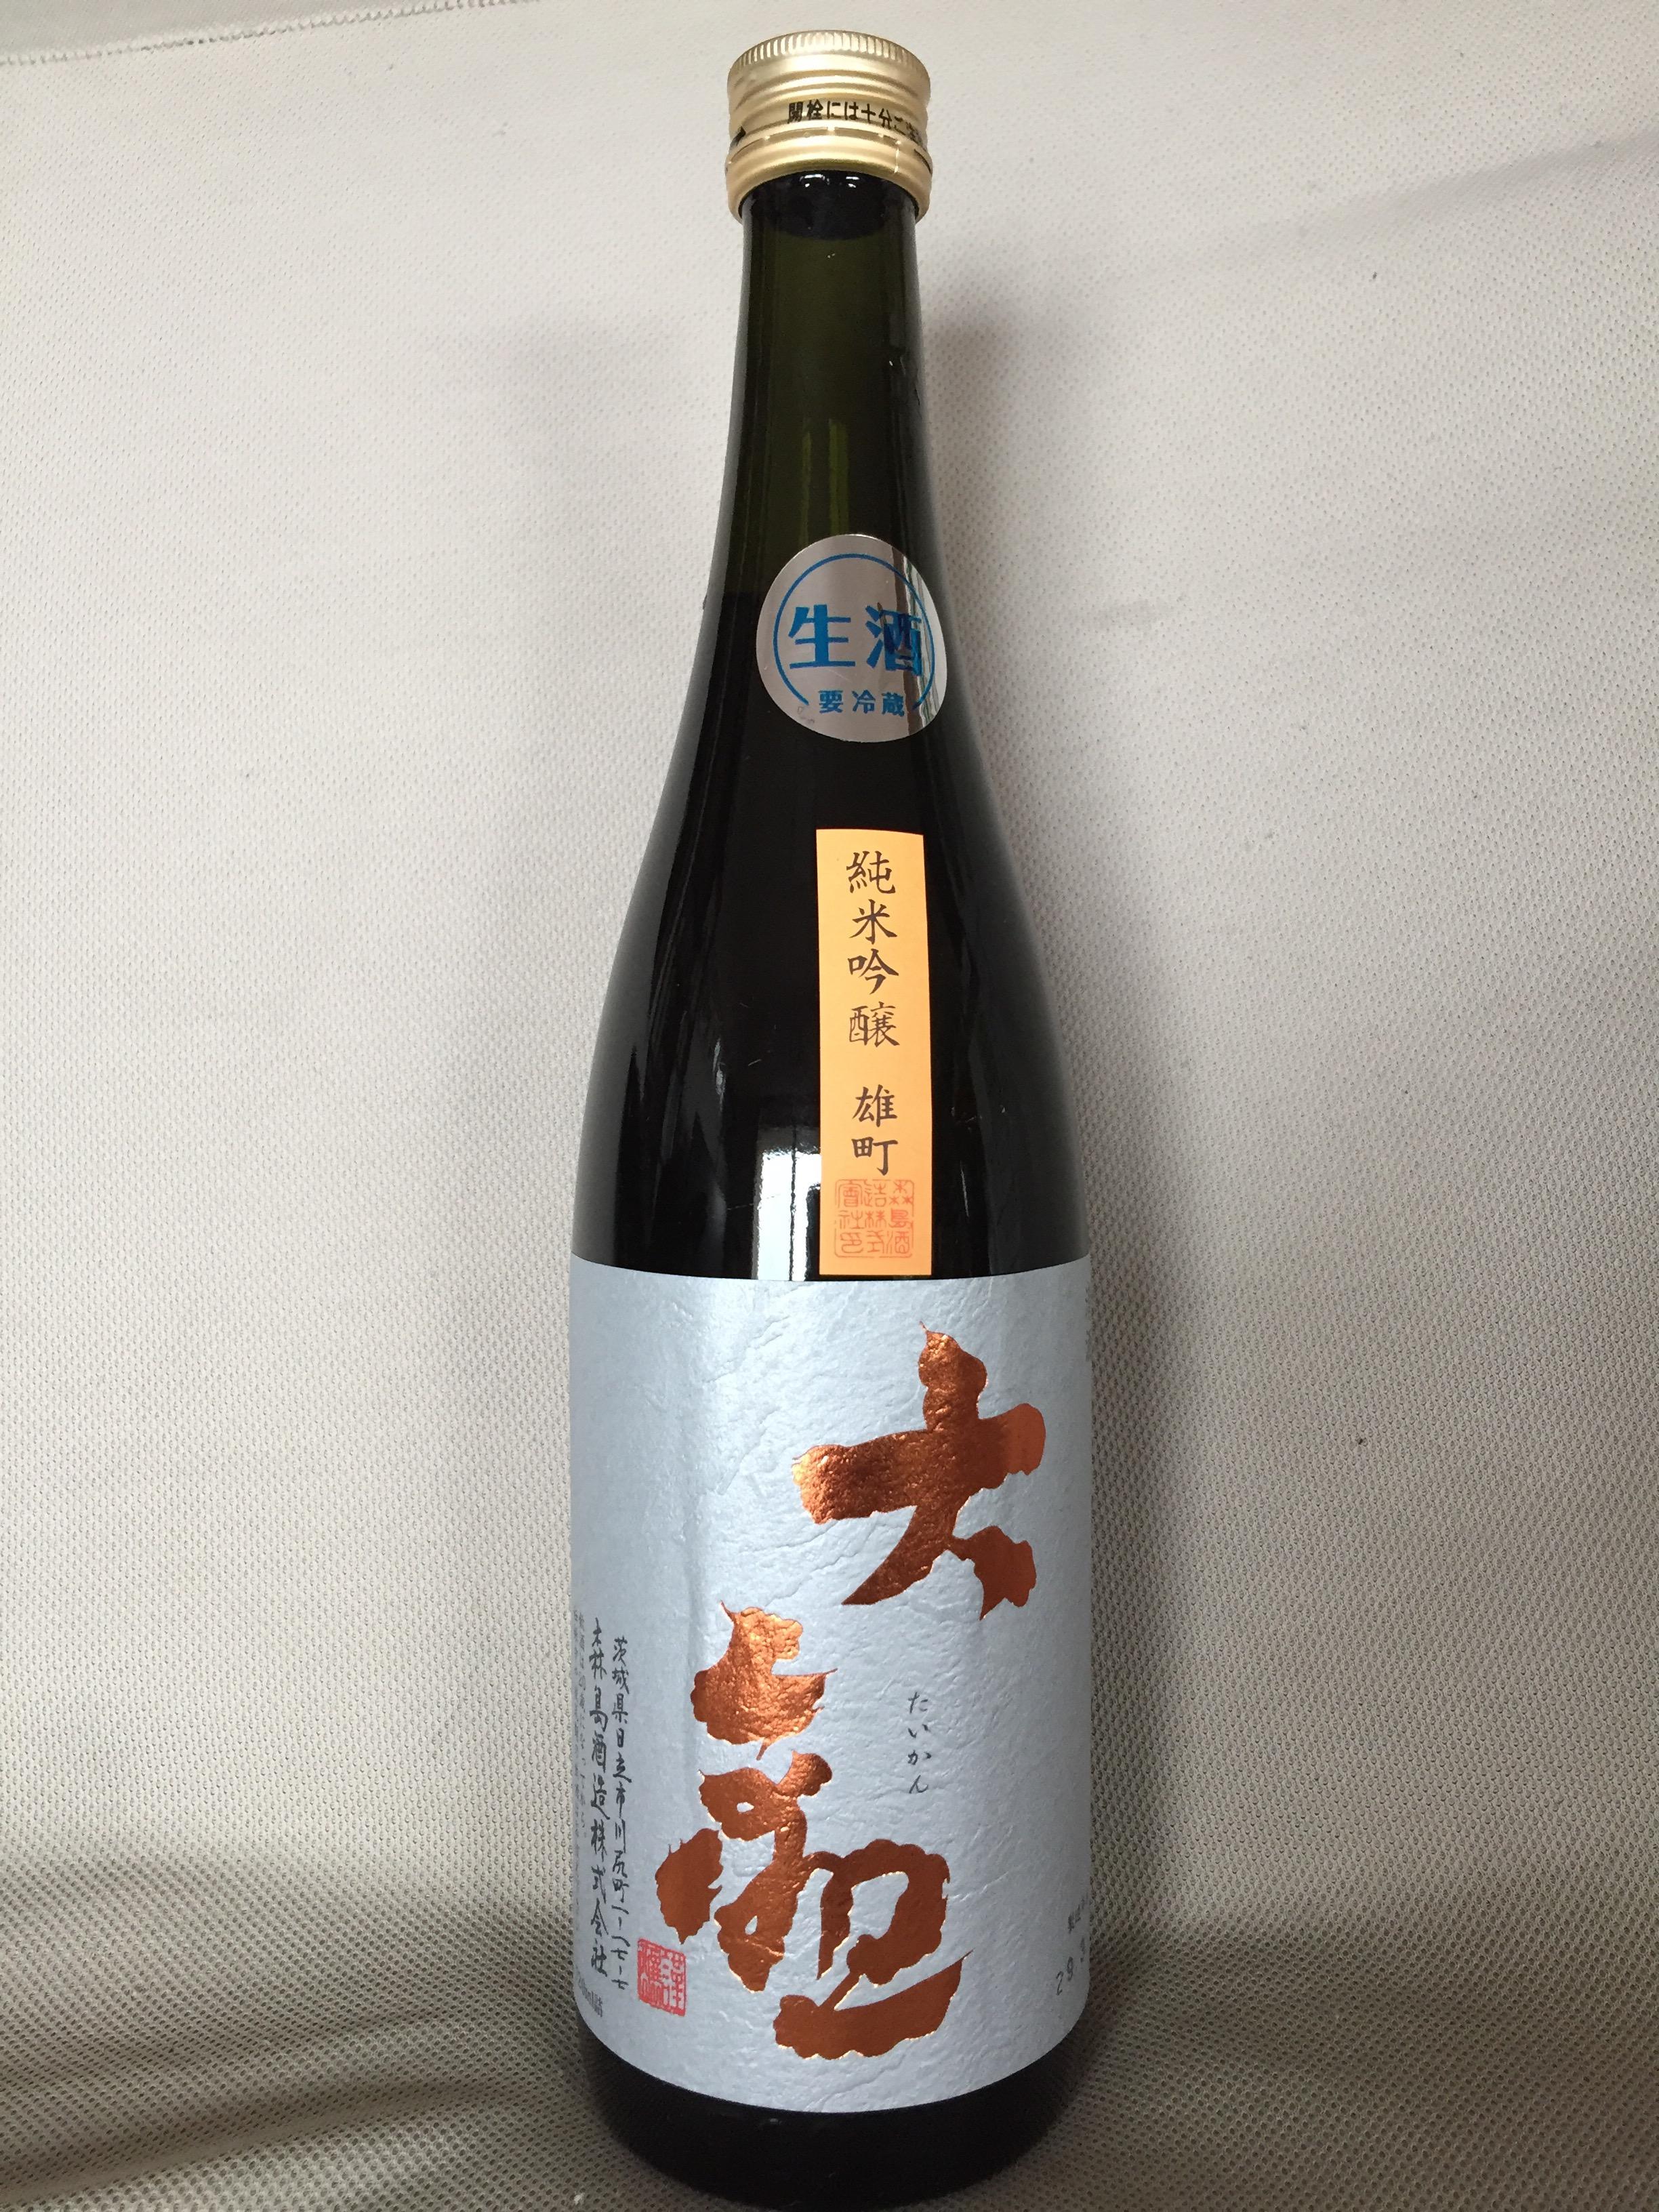 巨匠が愛した地酒「大観」。震災の苦難を乗り越え受け継ぐ味とは!?